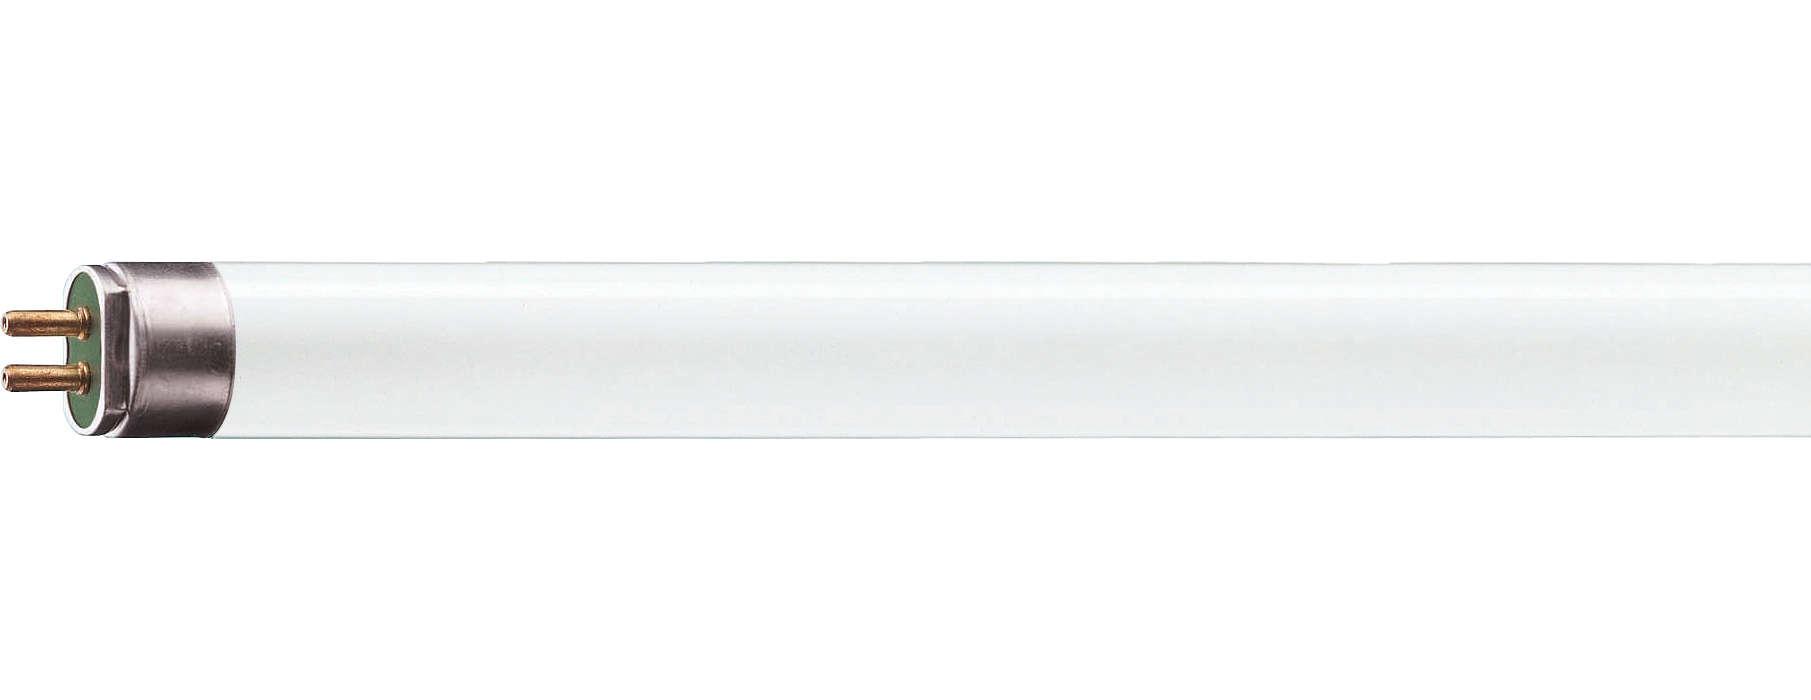 Die hocheffiziente Leuchtstofflampe